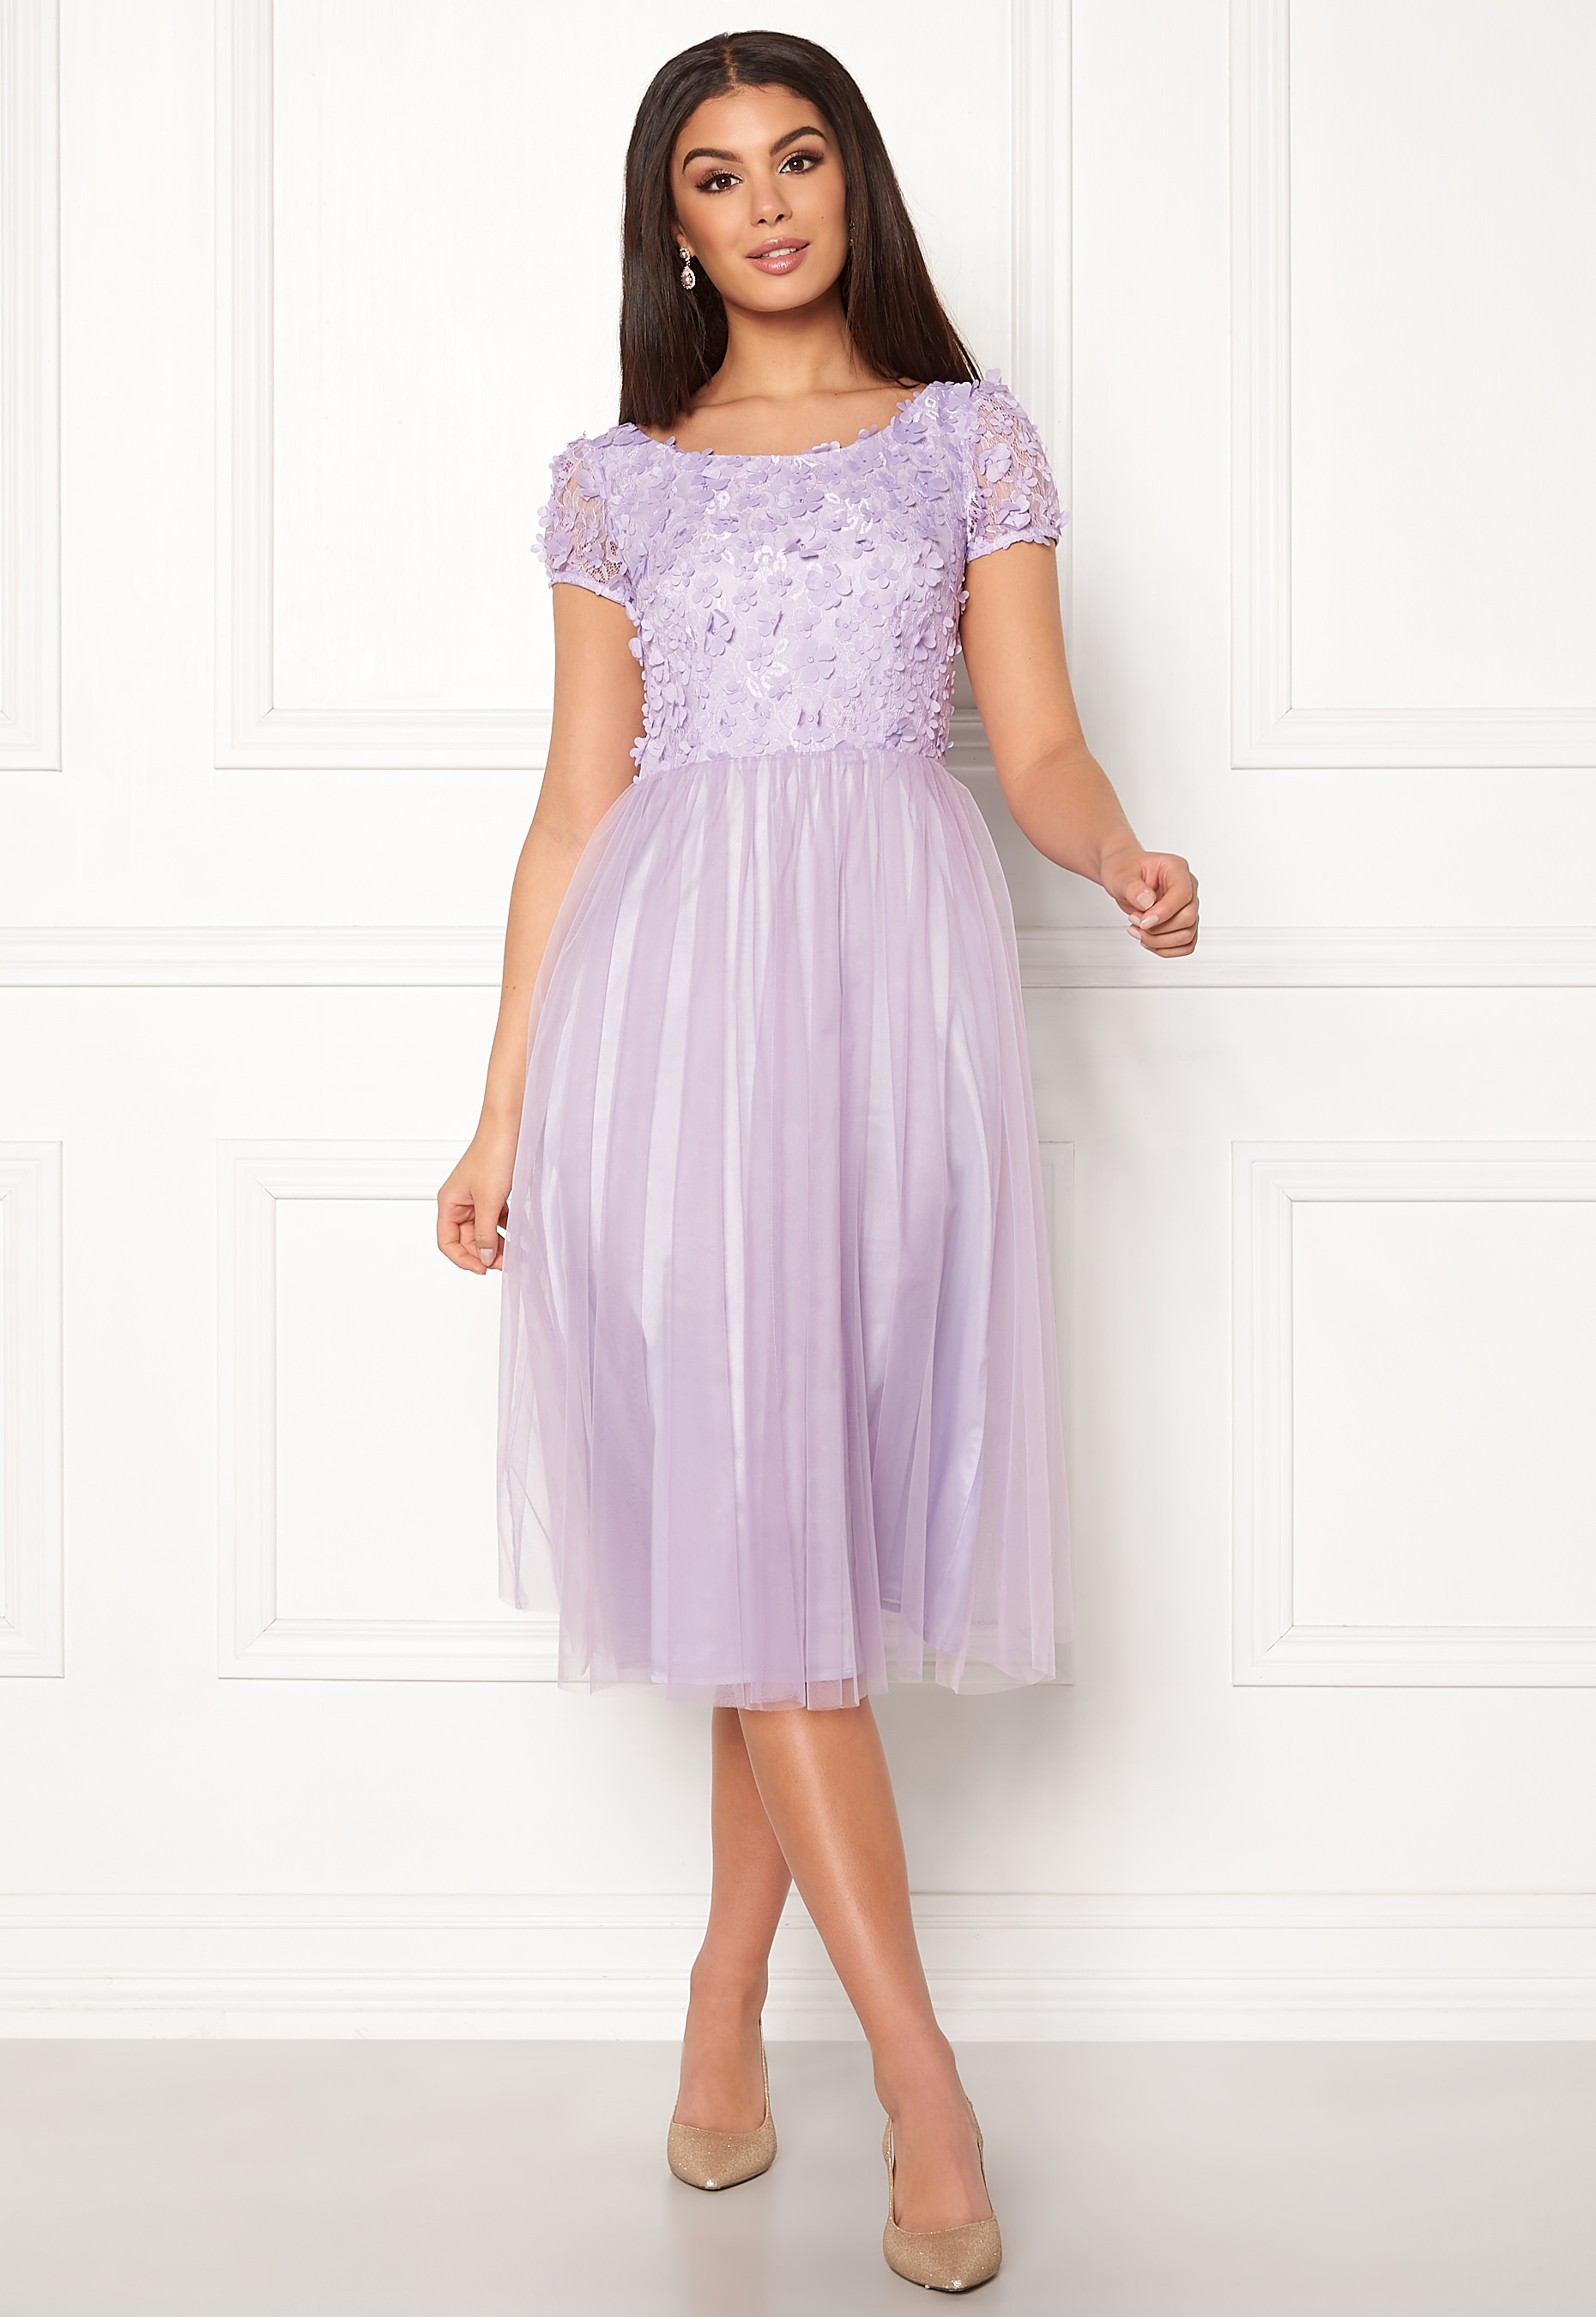 Vacker lila klänning med tyllkjol. Designad av Ida Sjöstedt